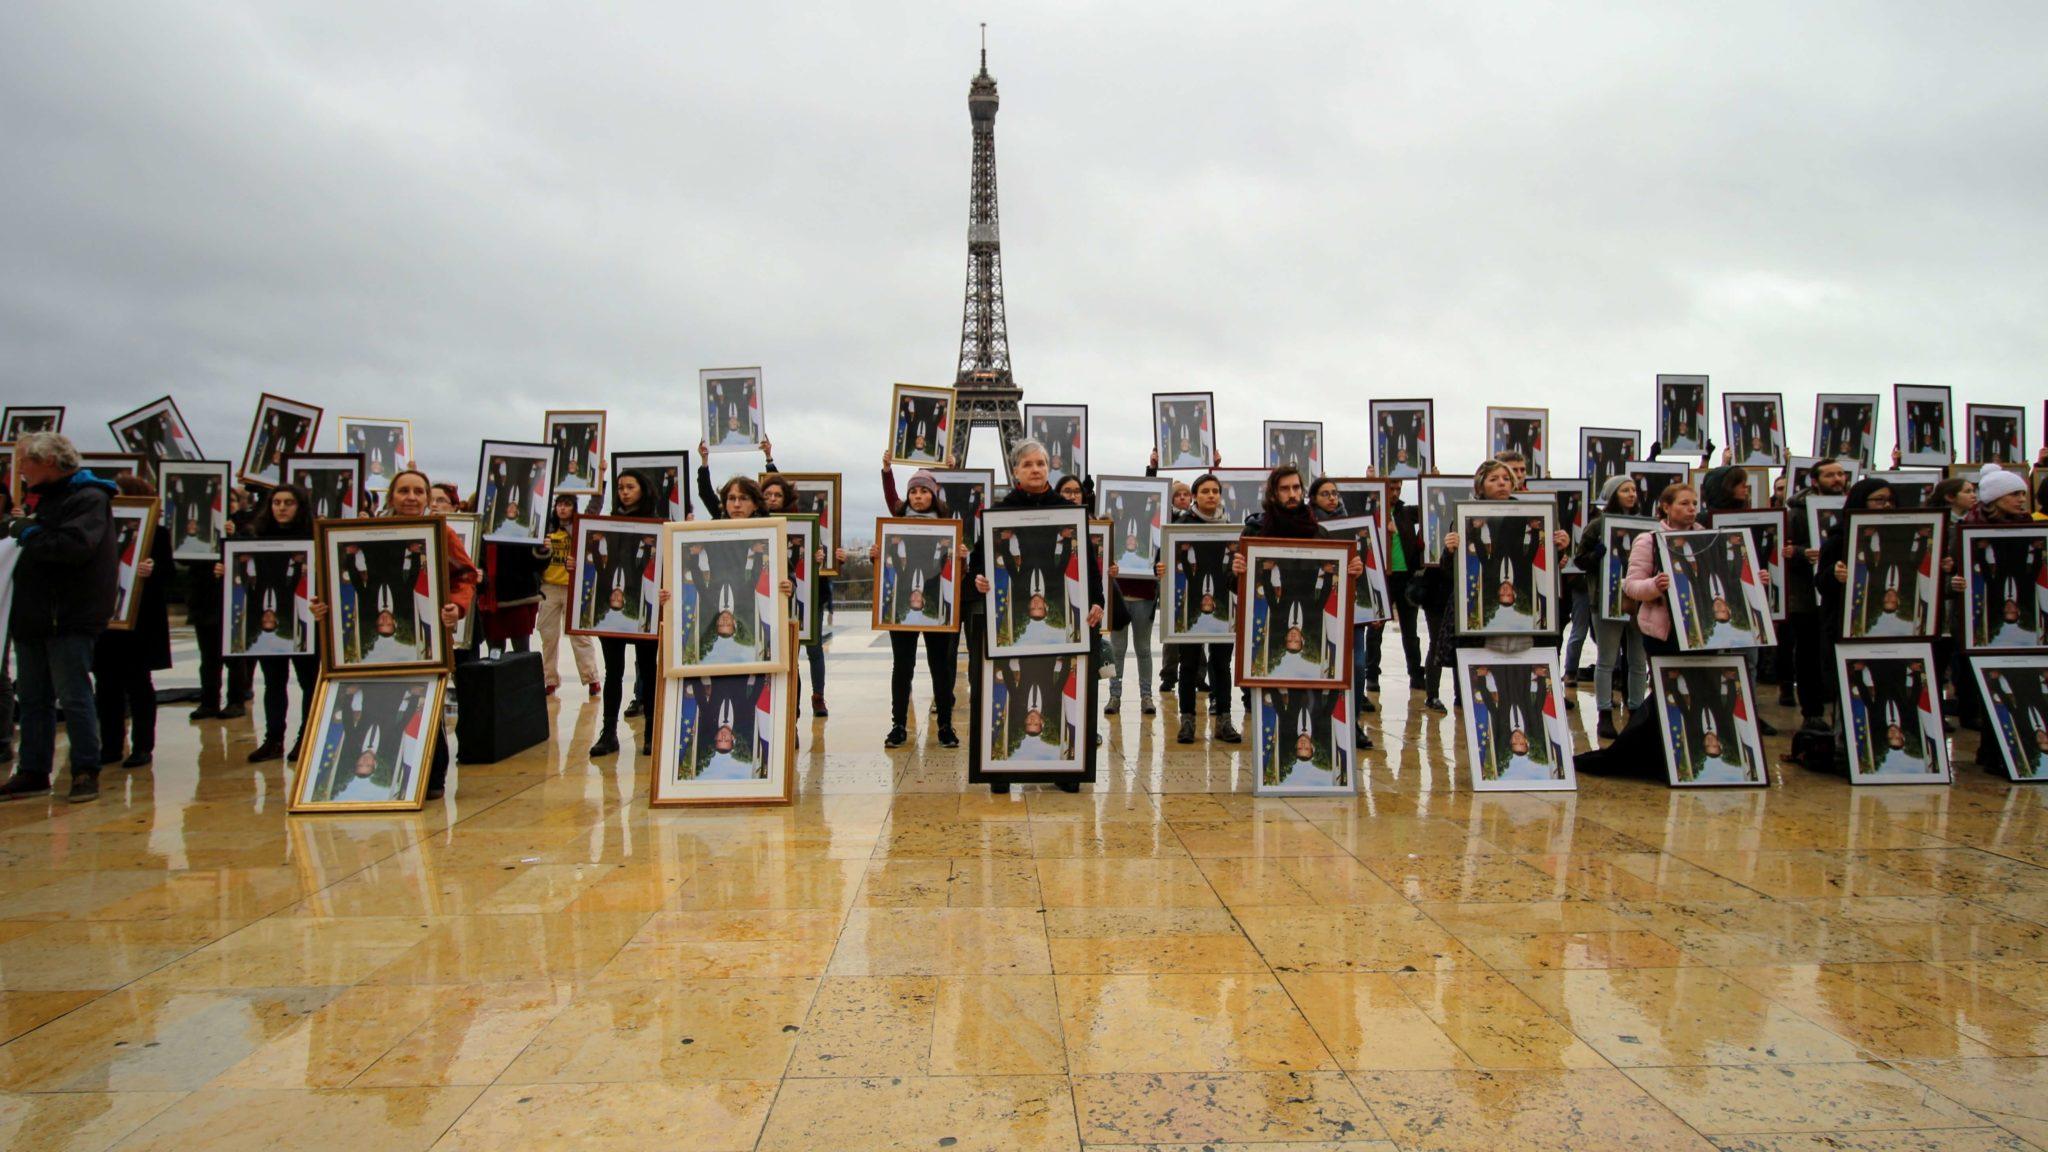 Le 8 décembre dernier, des citoyen·nes se mobilisaient pour demander des mesures ambitieuses pour le climat. Photo : Chris Charousset